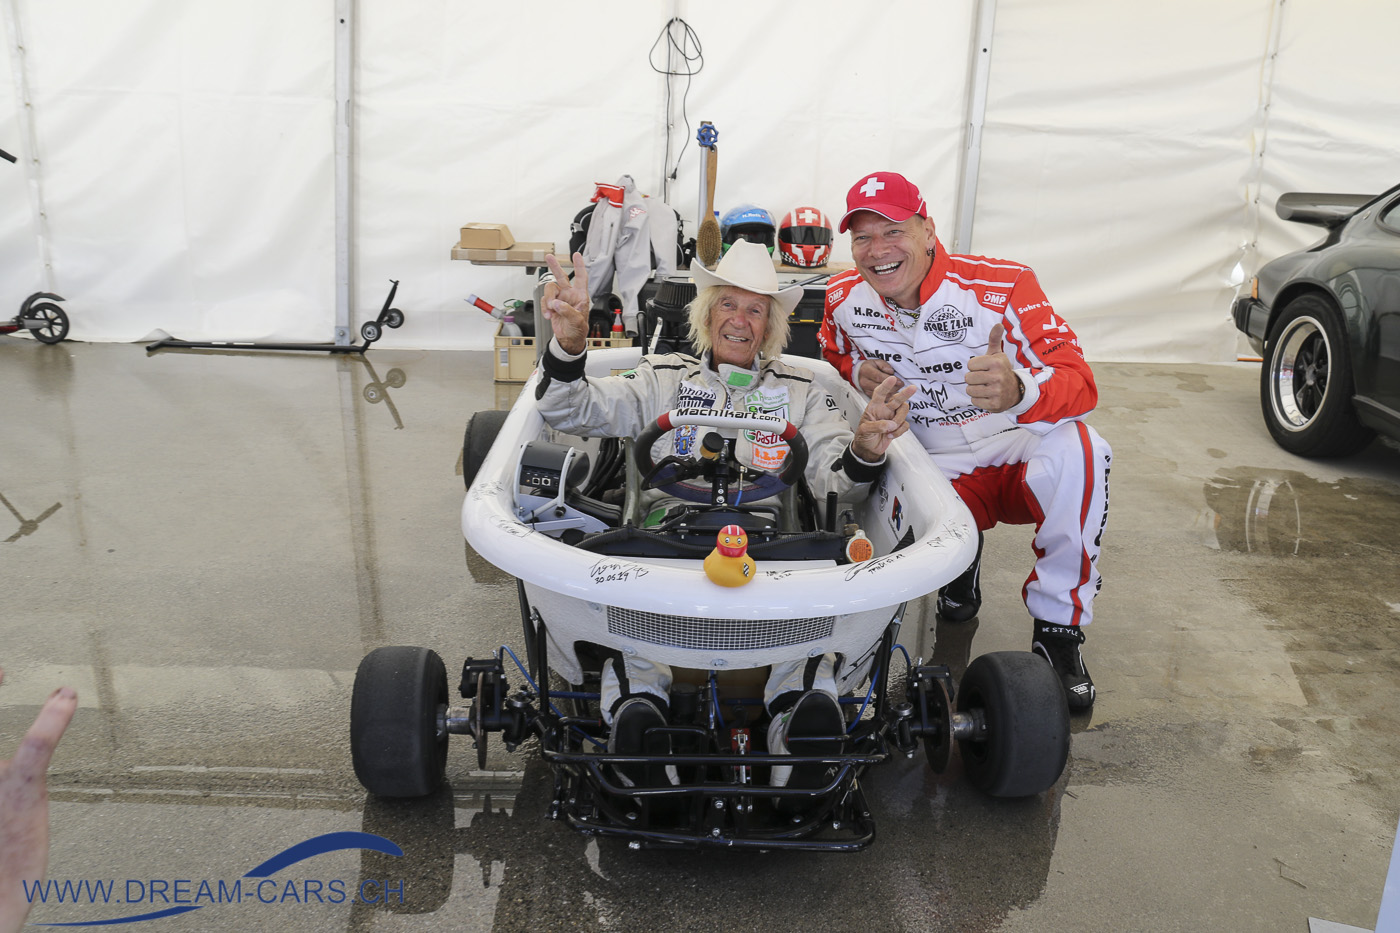 Arosa ClassicCar, 02. bis 05. September 2021. Arturo Merzario, sonst eher in schnellen Rennwagen unterwegs, in der schnellsten Badewanne der Welt.